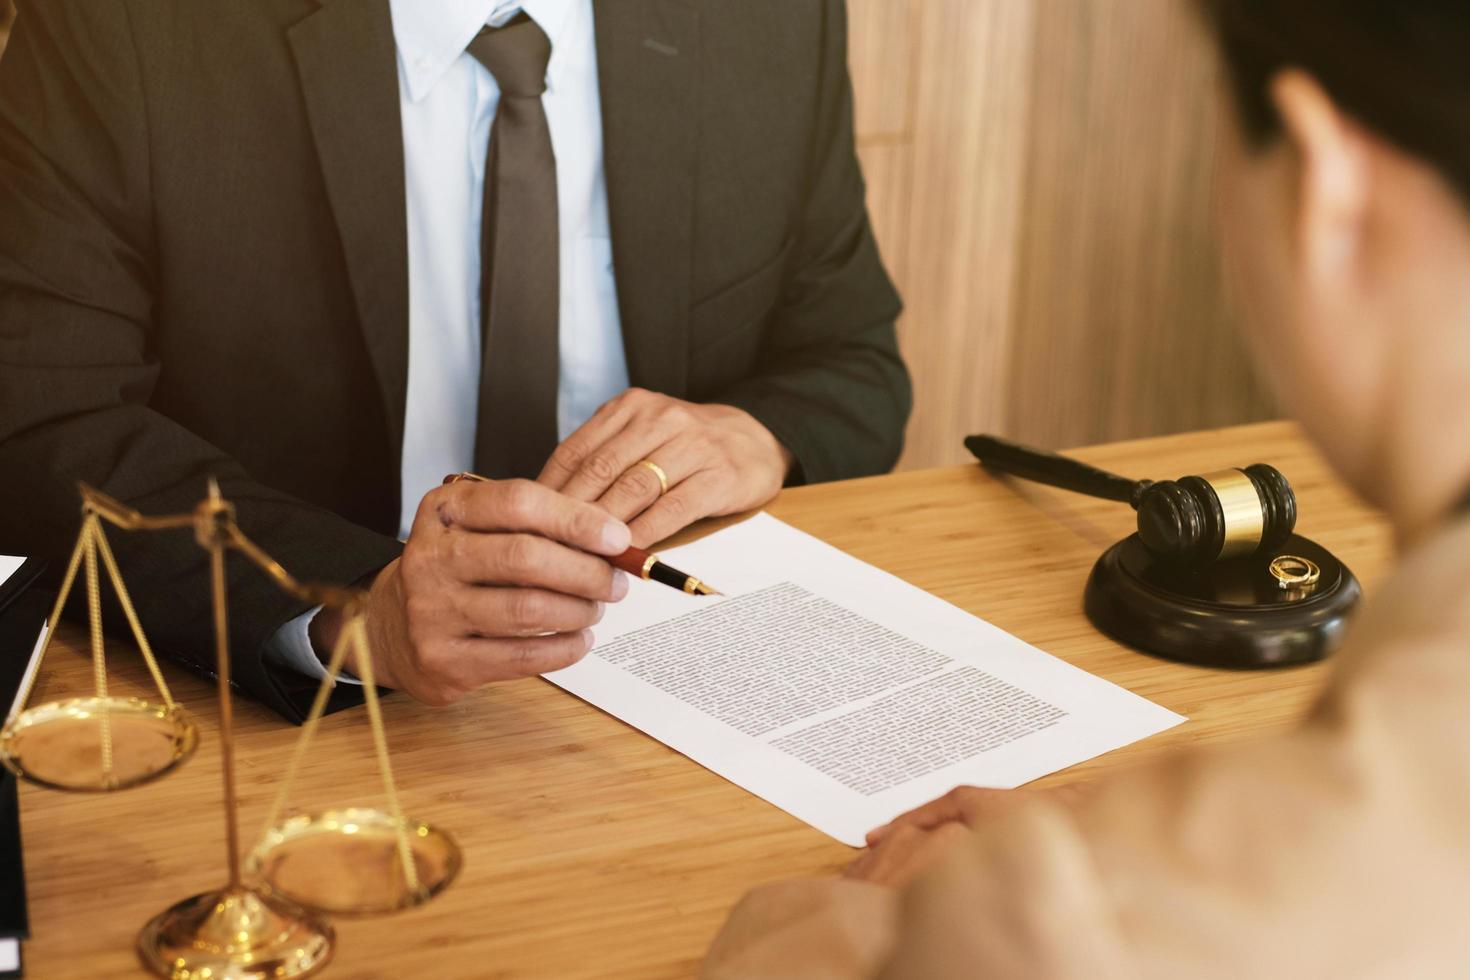 Scheidungsdokumente werden unterschrieben foto